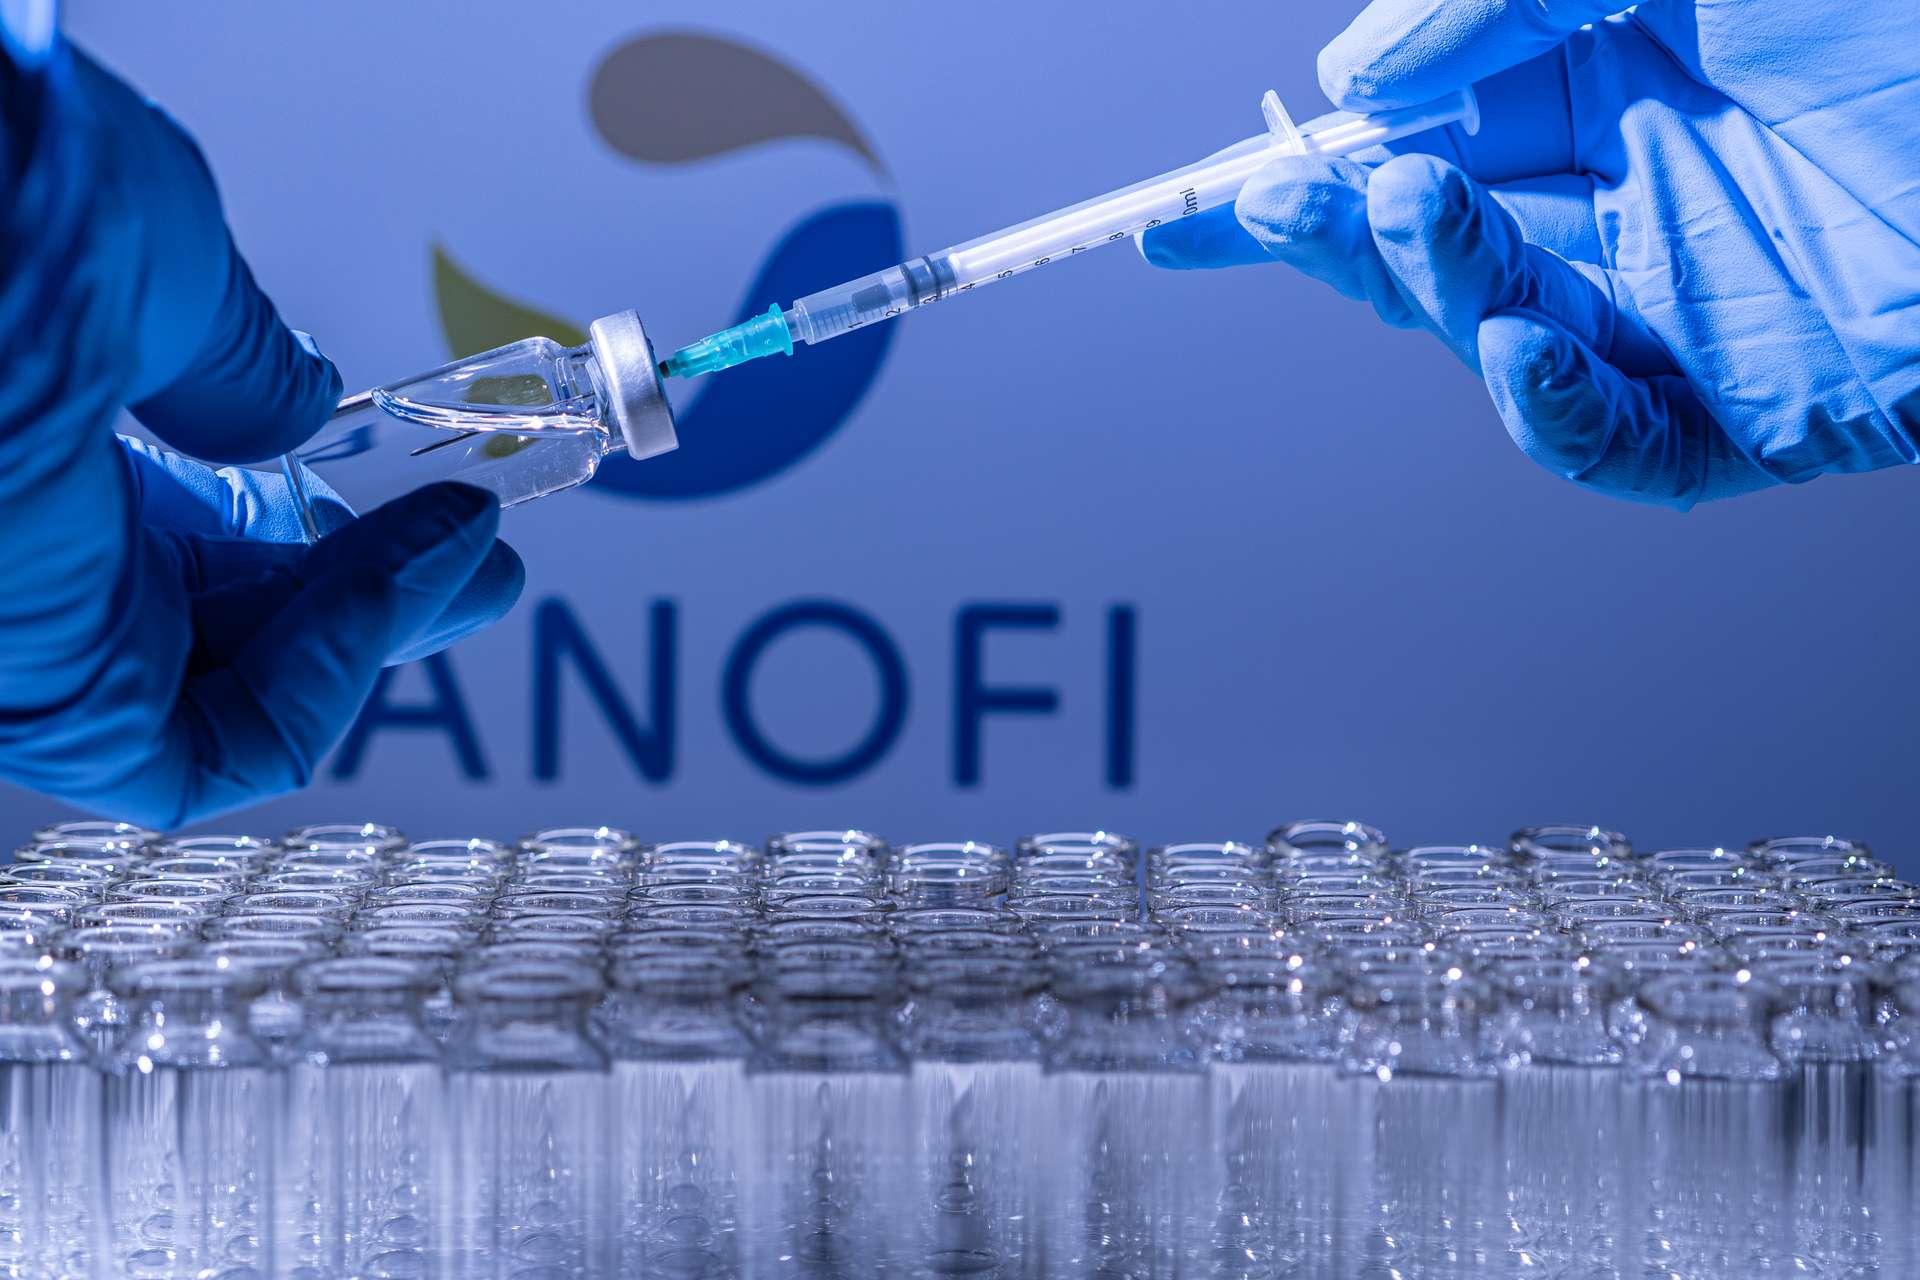 Sanofi stoppe le développement de son vaccin à ARN messager contre la Covid-19 mais poursuit celui de son autre vaccin à protéine recombinante. © desertsands, Adobe Stock